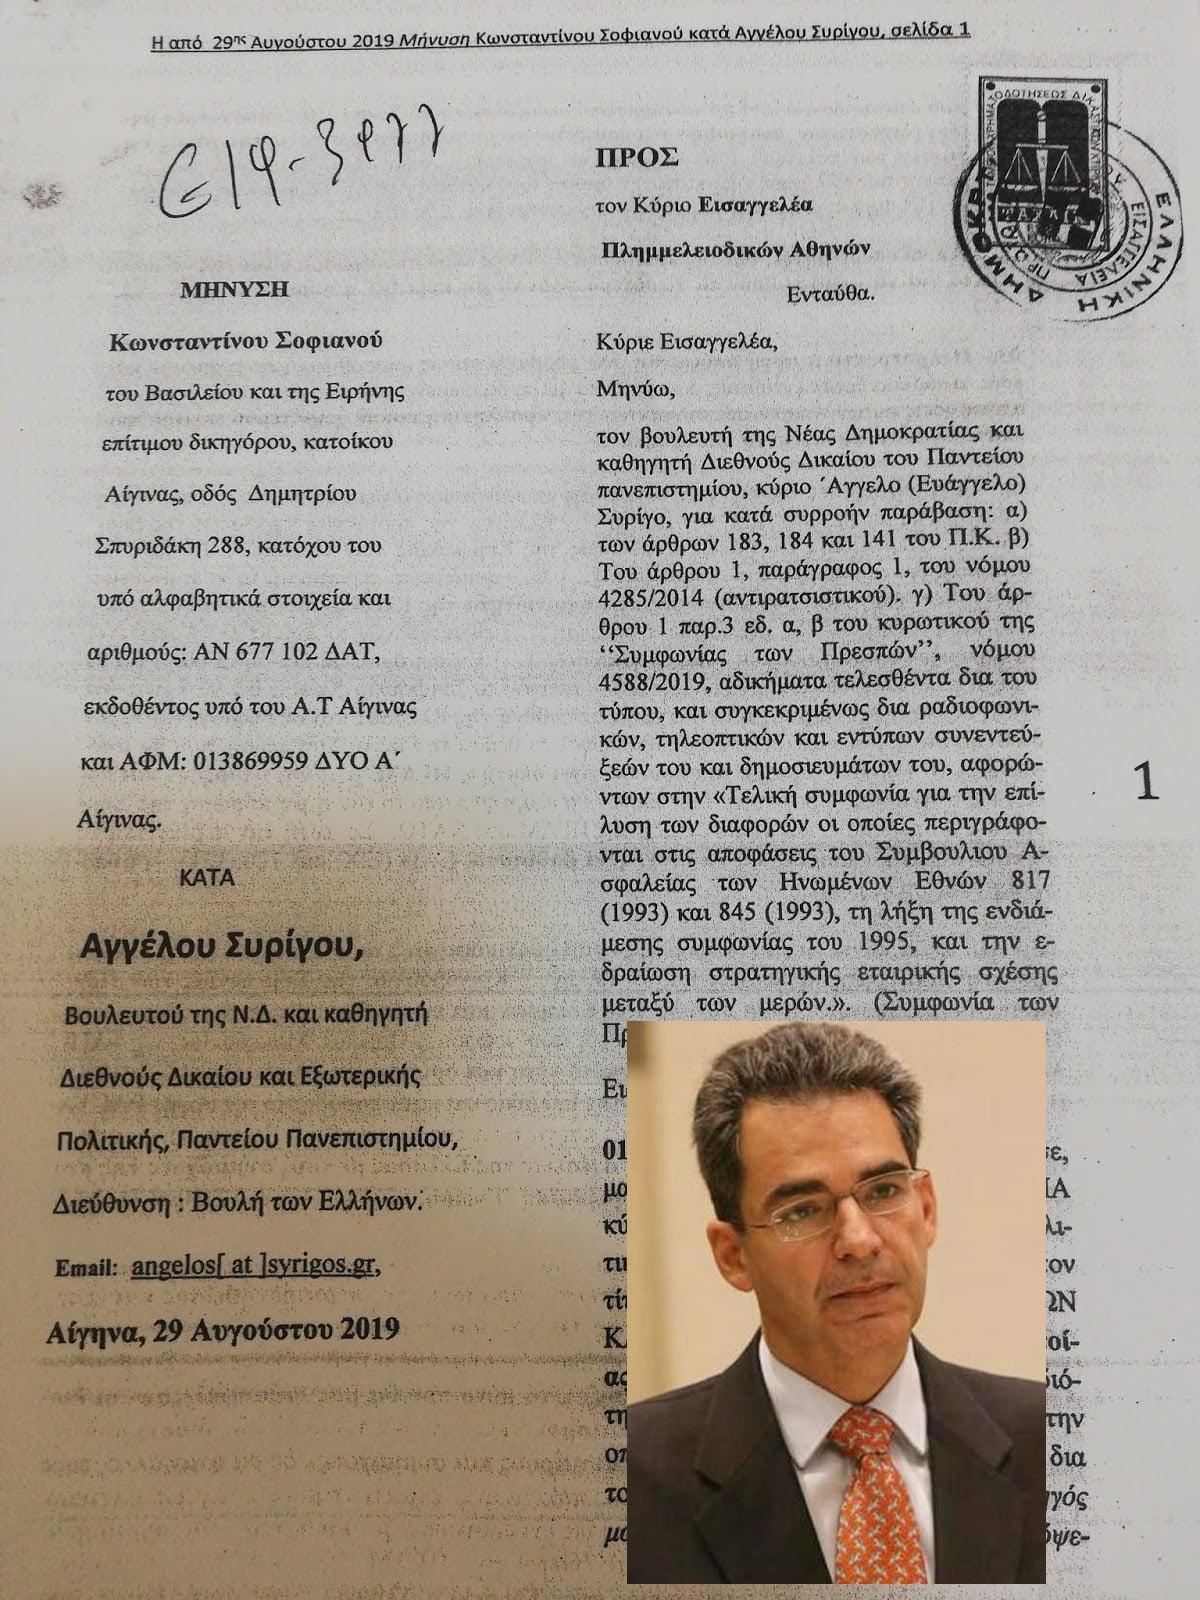 """Μήνυση κατά του Άγγελου Συρίγου επειδή δεν ονομάζει τους σλάβους """"μακεδόνες"""""""